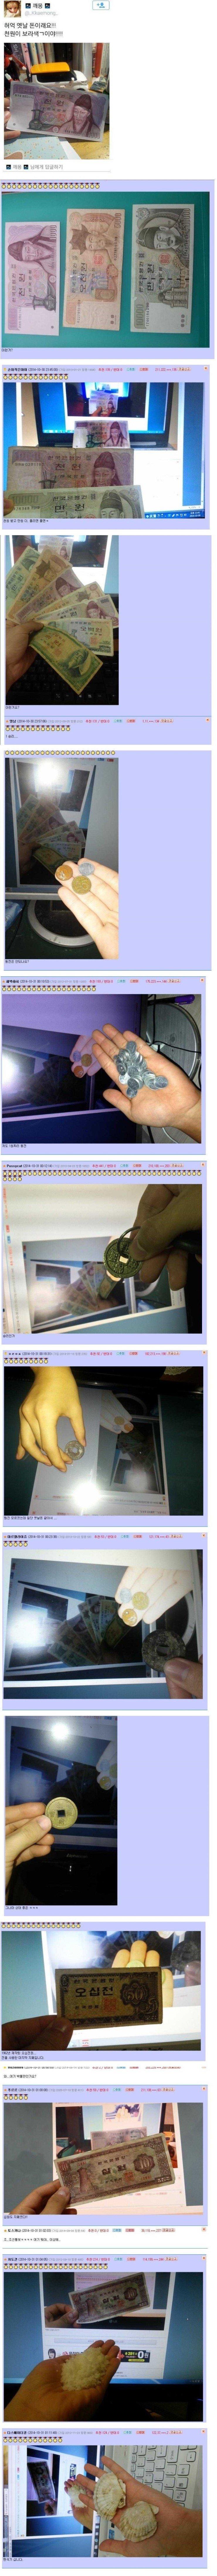 돈자랑 배틀.jpg